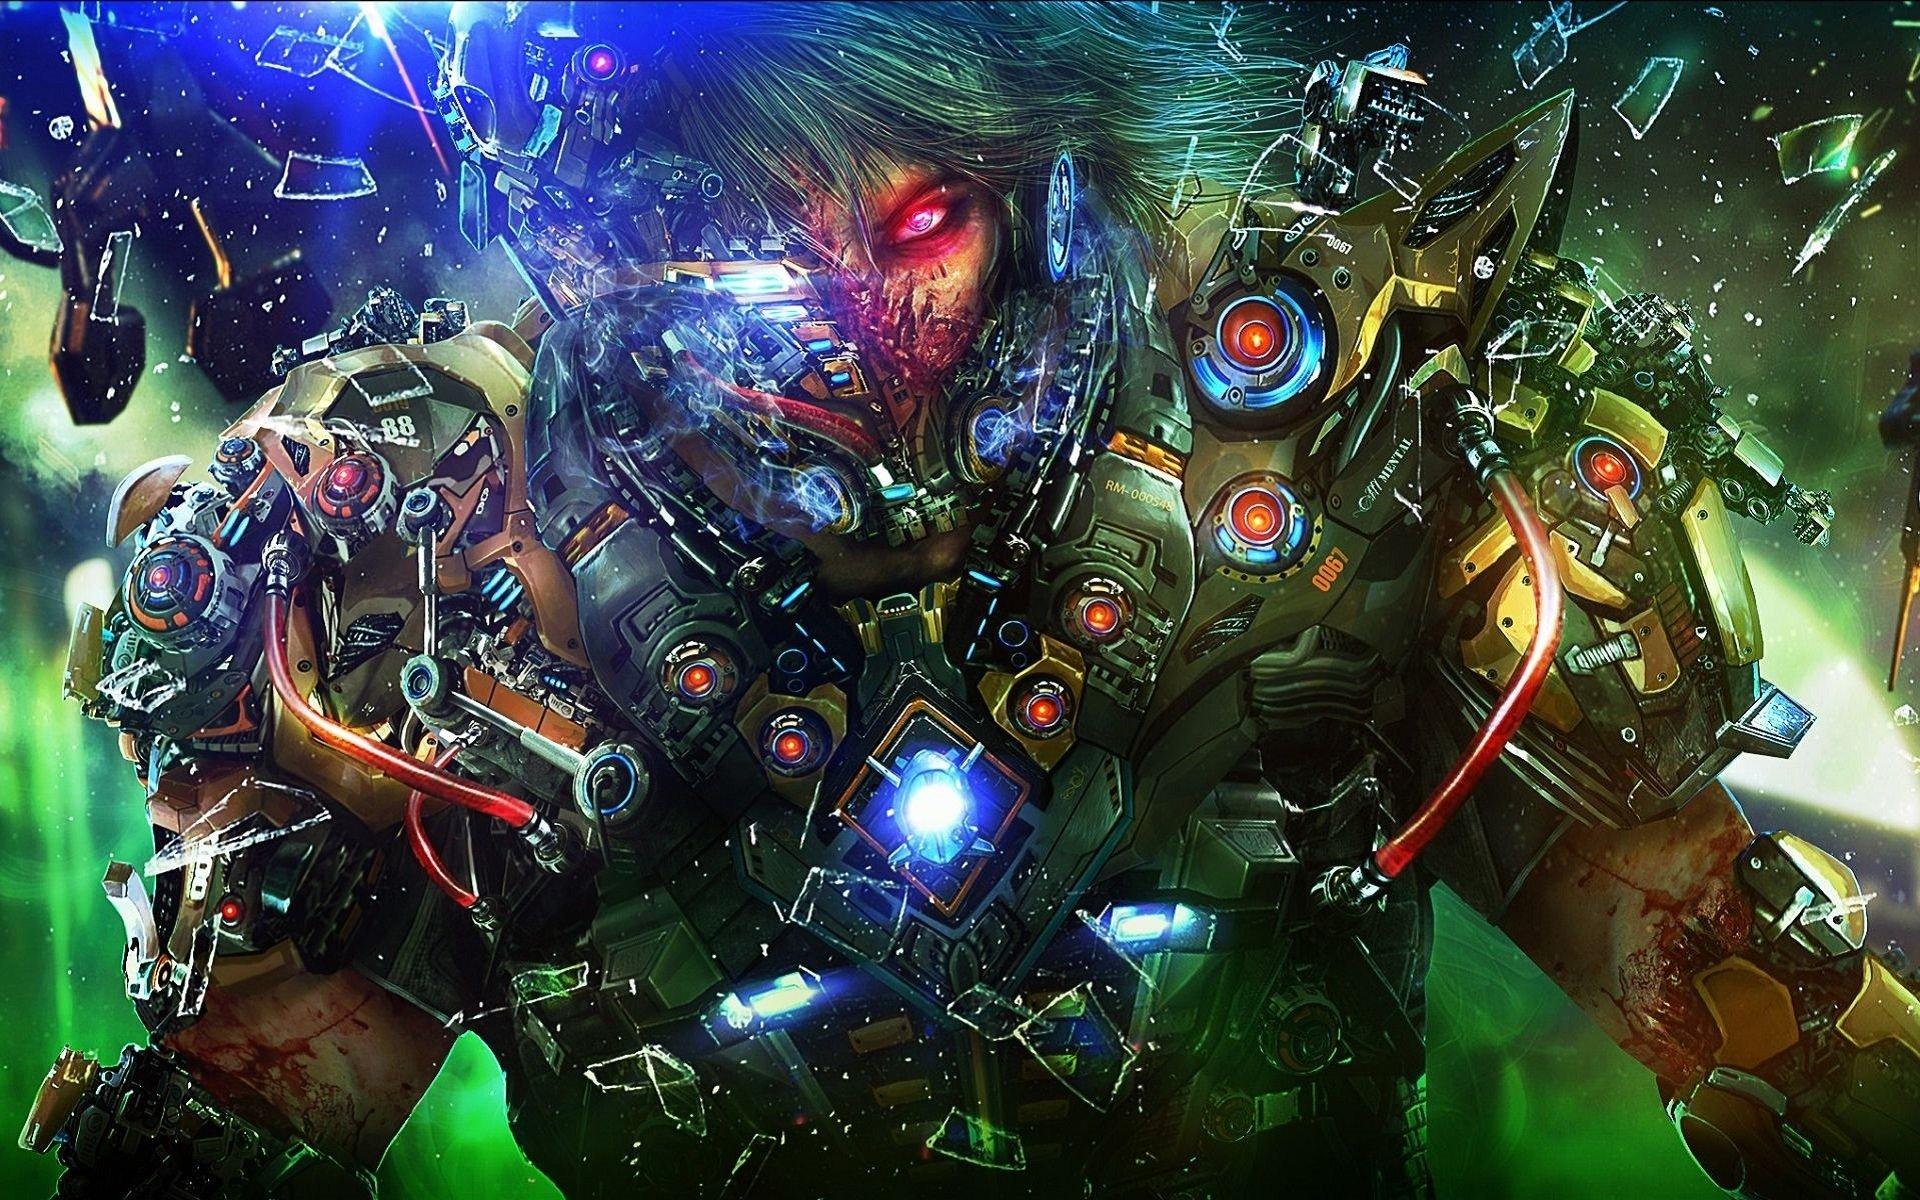 Ficção Científica - Guerreiro  Ficção Científica Ciborgue Papel de Parede